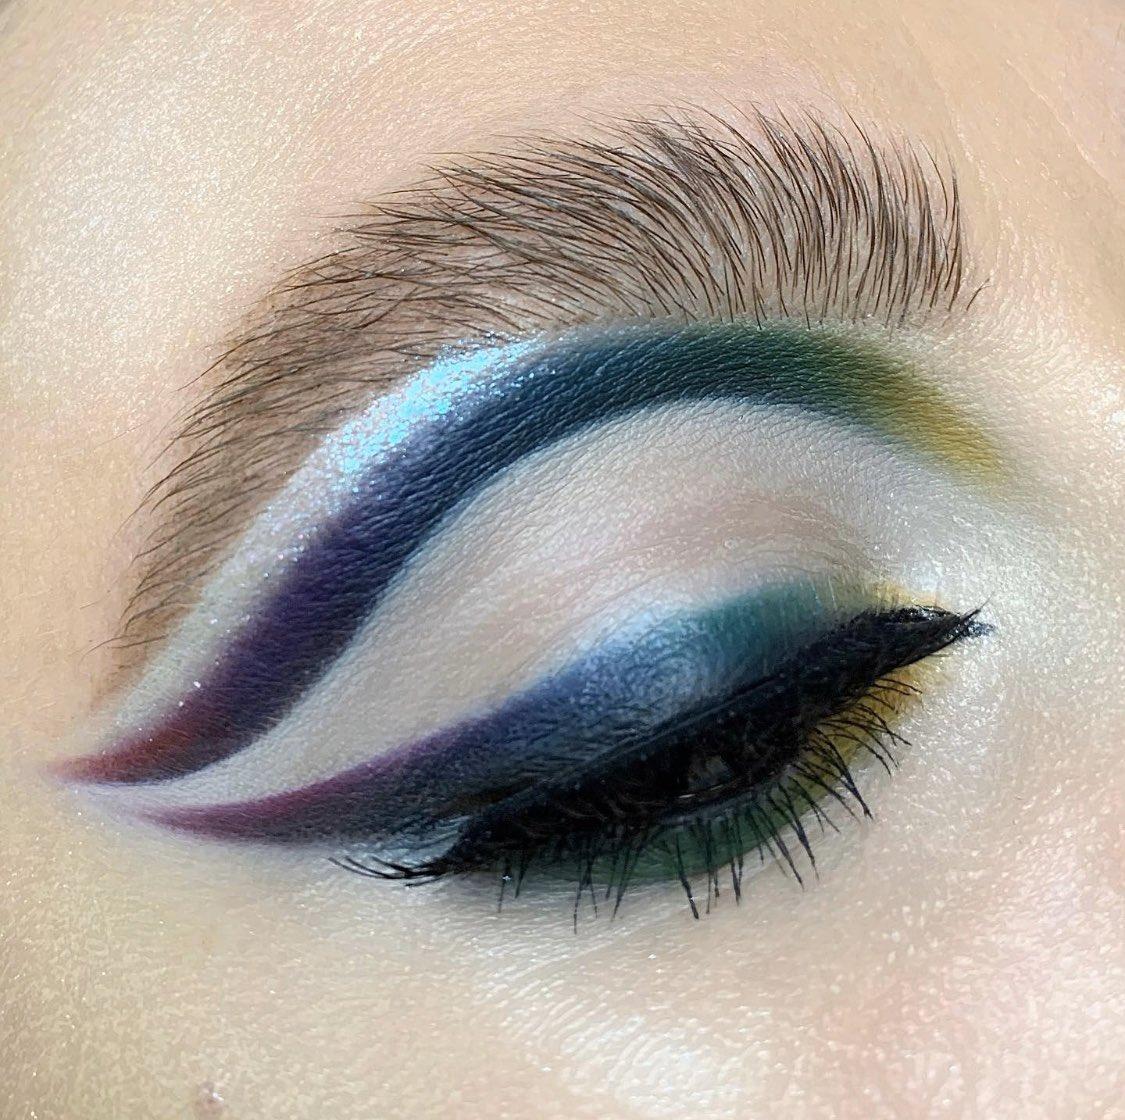 Hi @MakeupRVLTN  My IG http://instagram.com/lya_make_up My last makeup with product    Instinct Palette #revolutionxalexisstone   Transformation Palette #revolutionxalexisstone   Liner Duo #MakeupRevolution   Conceal & hydrate concealer @MakeupRVLTN  . Have a nice day pic.twitter.com/sLkNd6IrKc